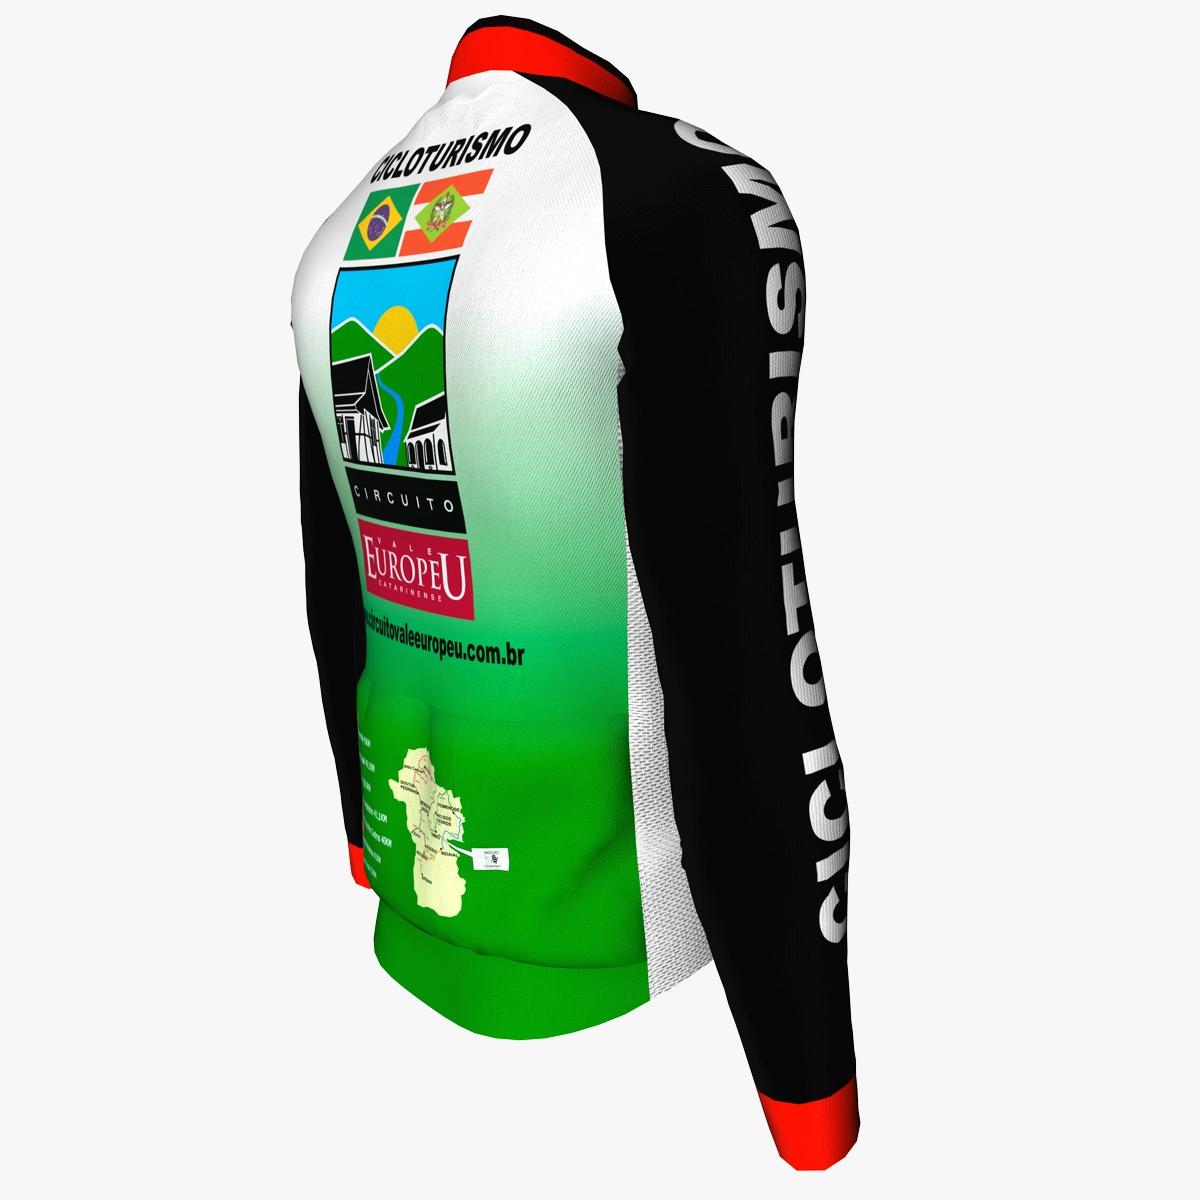 Camisa de Ciclismo Manga Longa Oficial Circuito Vale Europeu Unissex